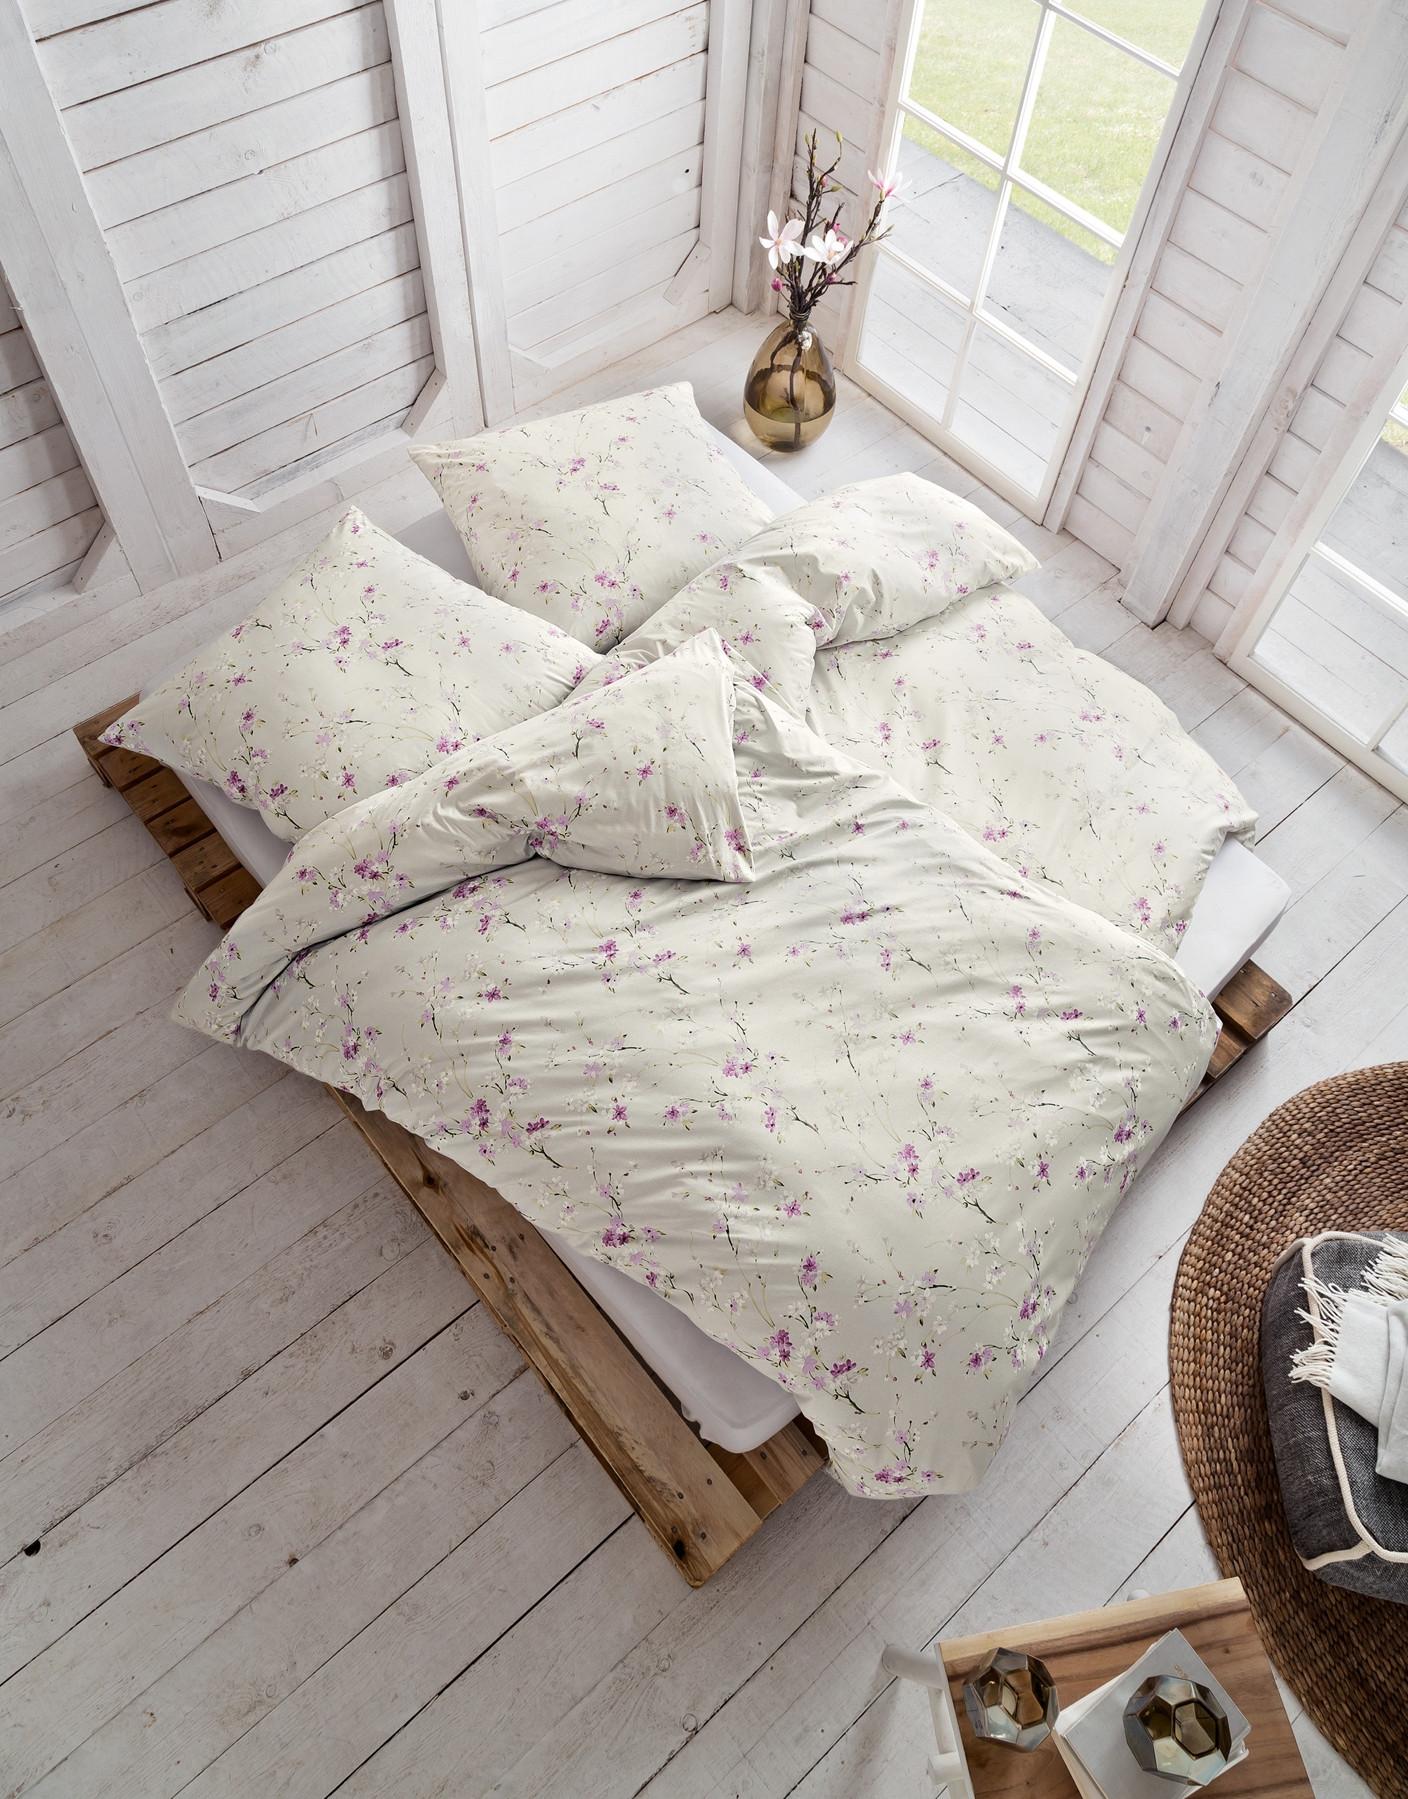 estella interlock mako jersey bettw sche helena in violett 135 x 200 155 x 220 schlafst. Black Bedroom Furniture Sets. Home Design Ideas